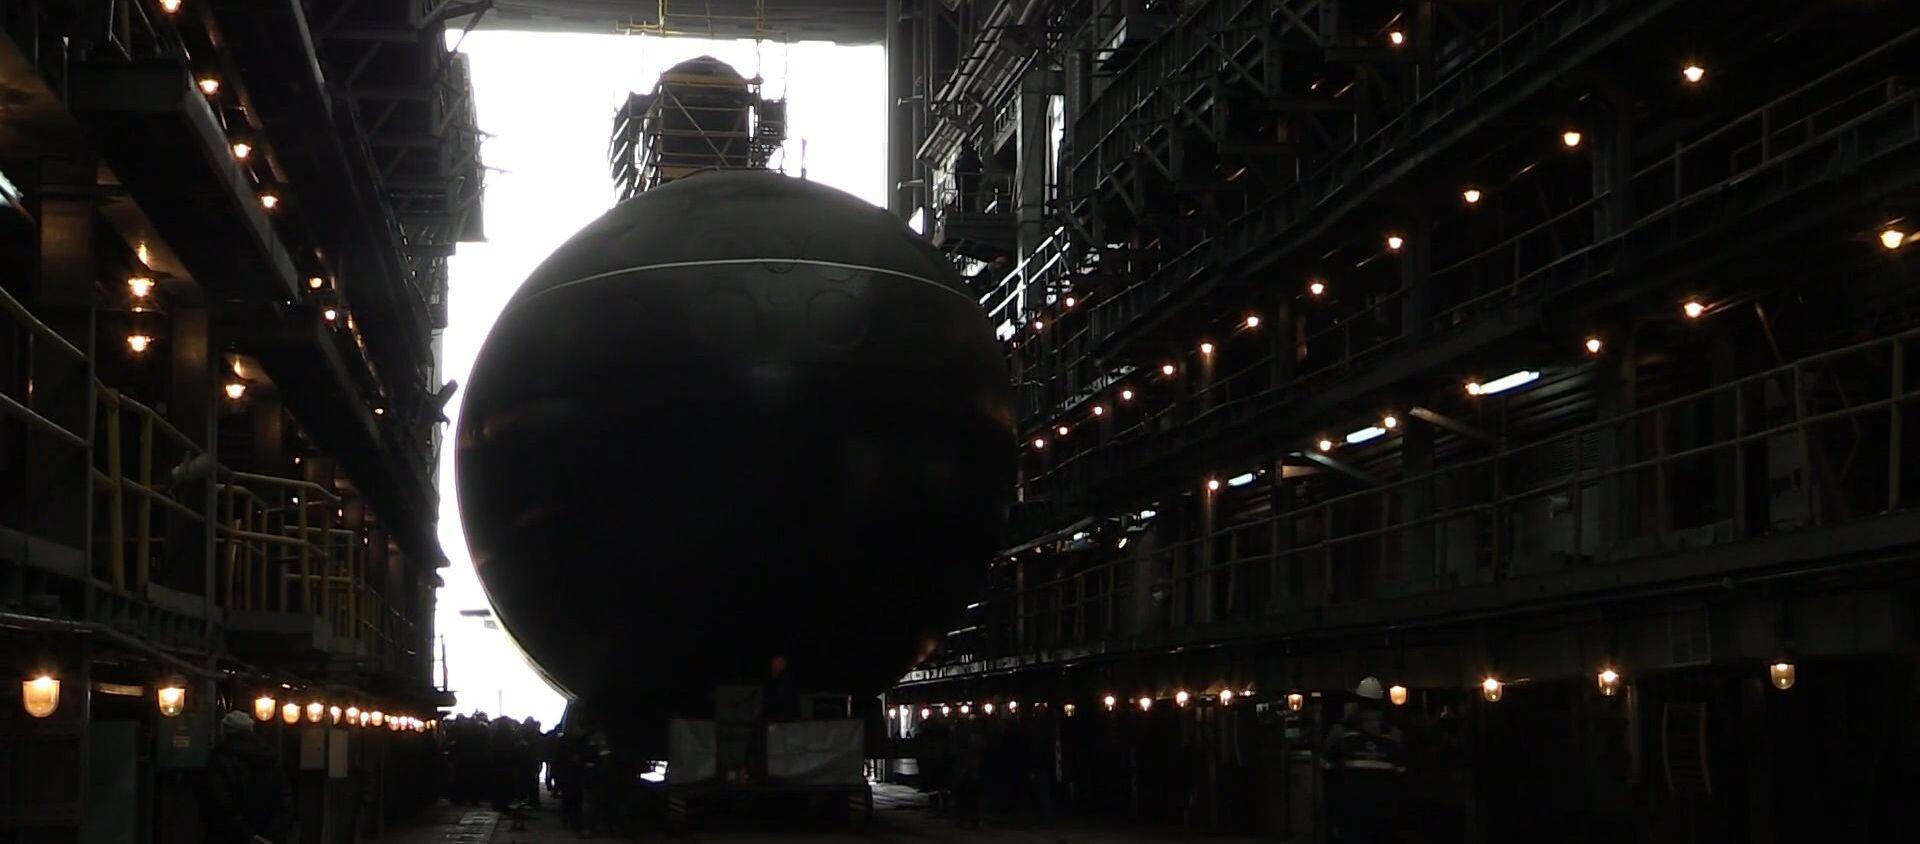 Кадры спуска на воду первой подлодки для Тихоокеанского флота РФ - Sputnik Latvija, 1920, 30.03.2019